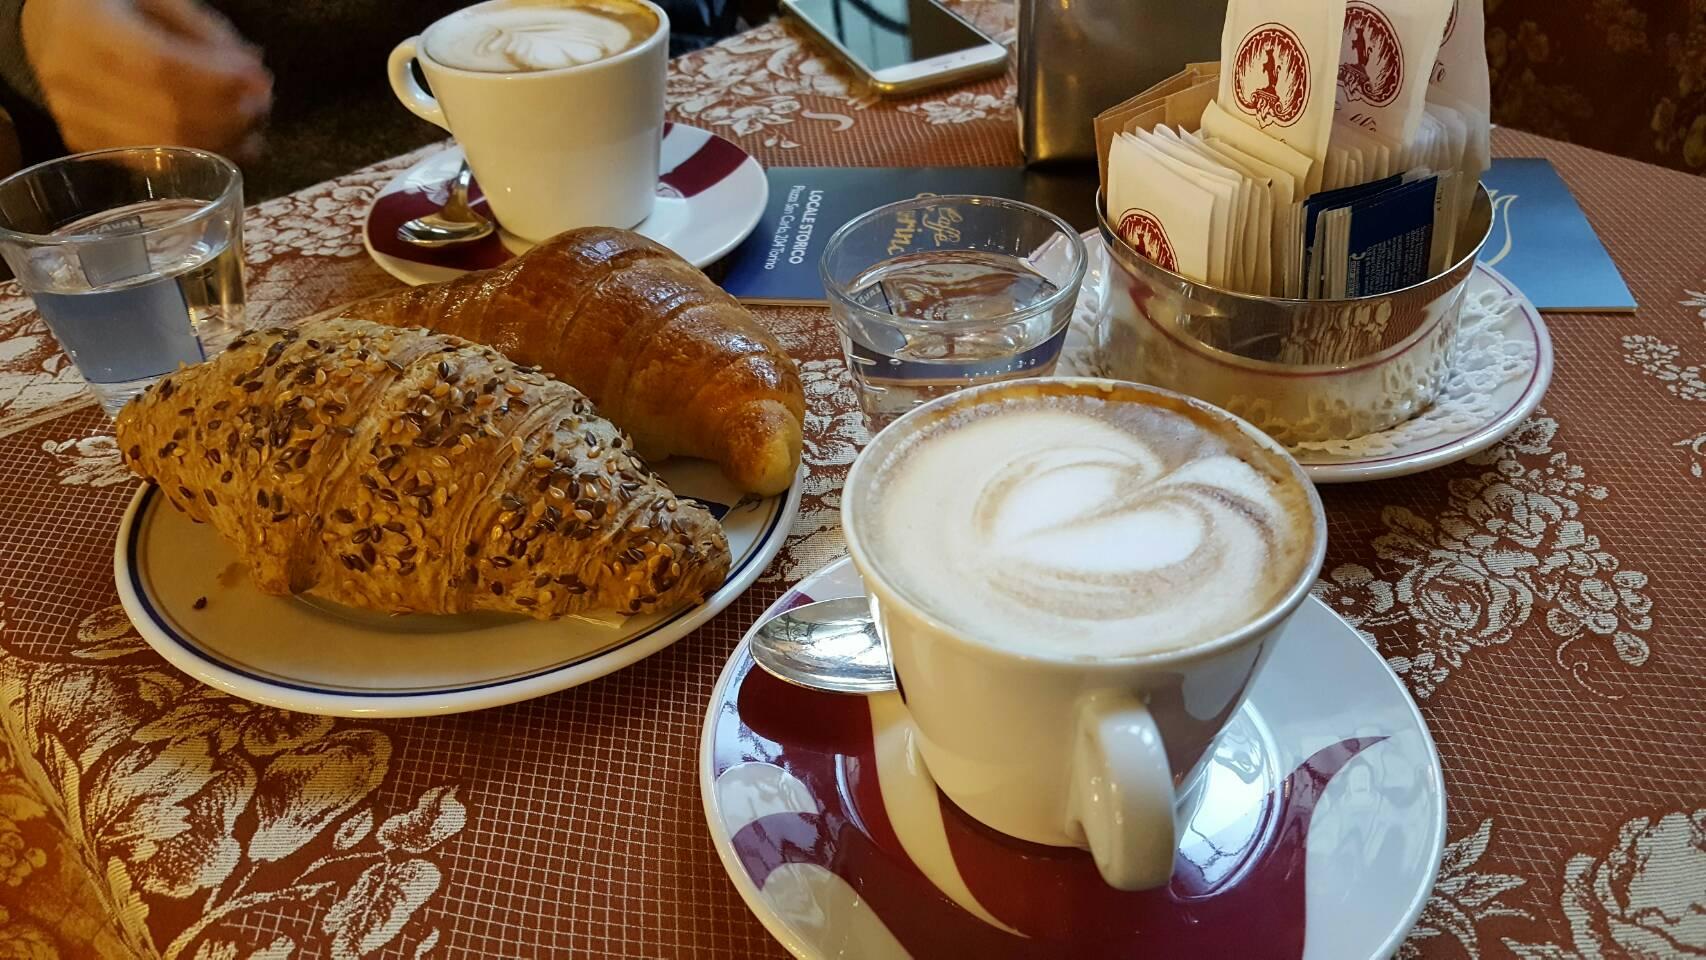 トリノの歴史カフェ巡り|おすすめカフェ・バル8選 -Torinodaily-